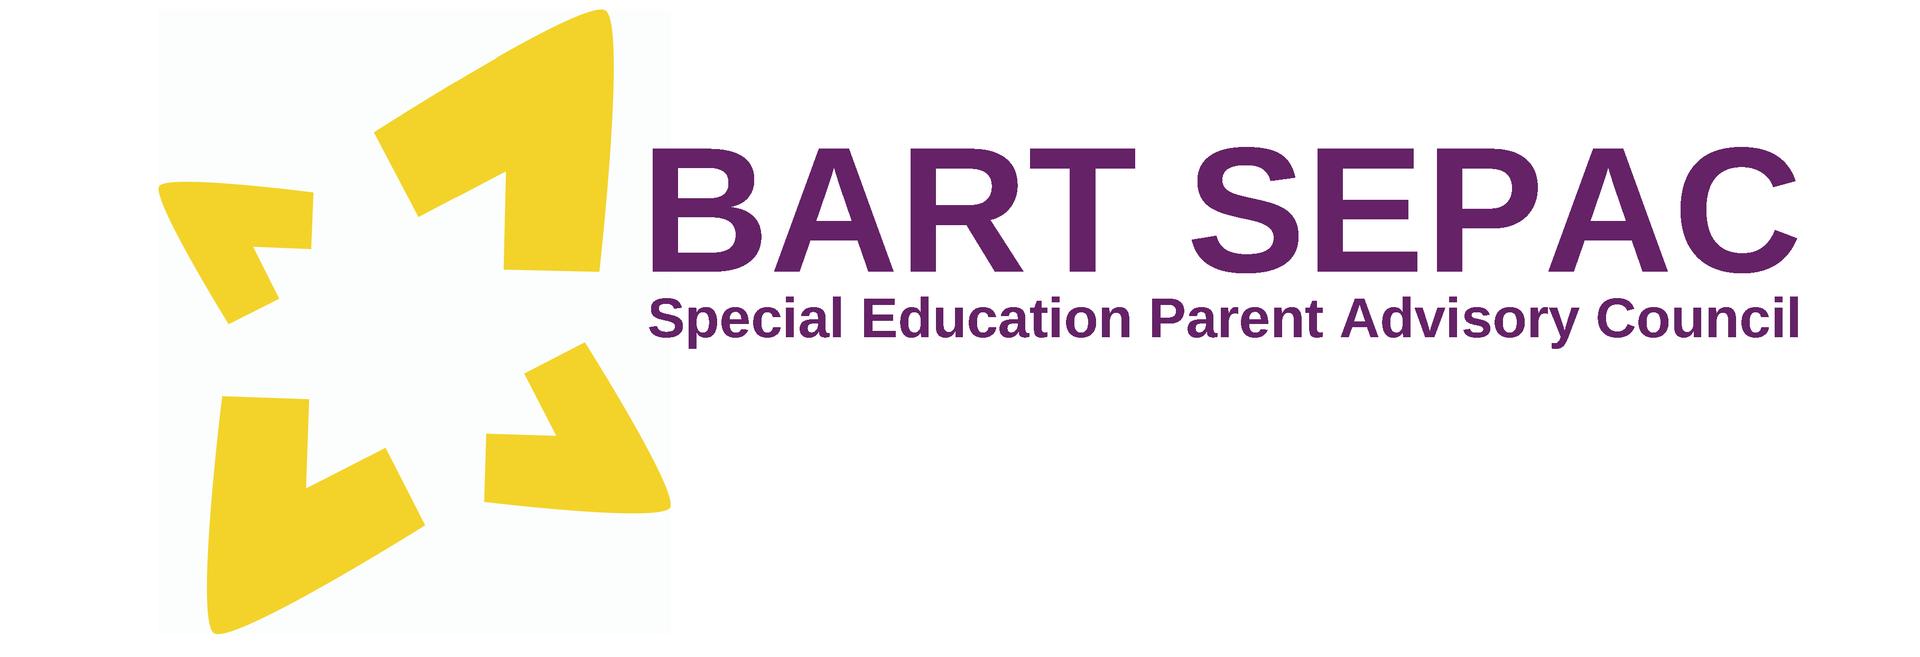 Special Education Parent Advisory Council (SEPAC) logo